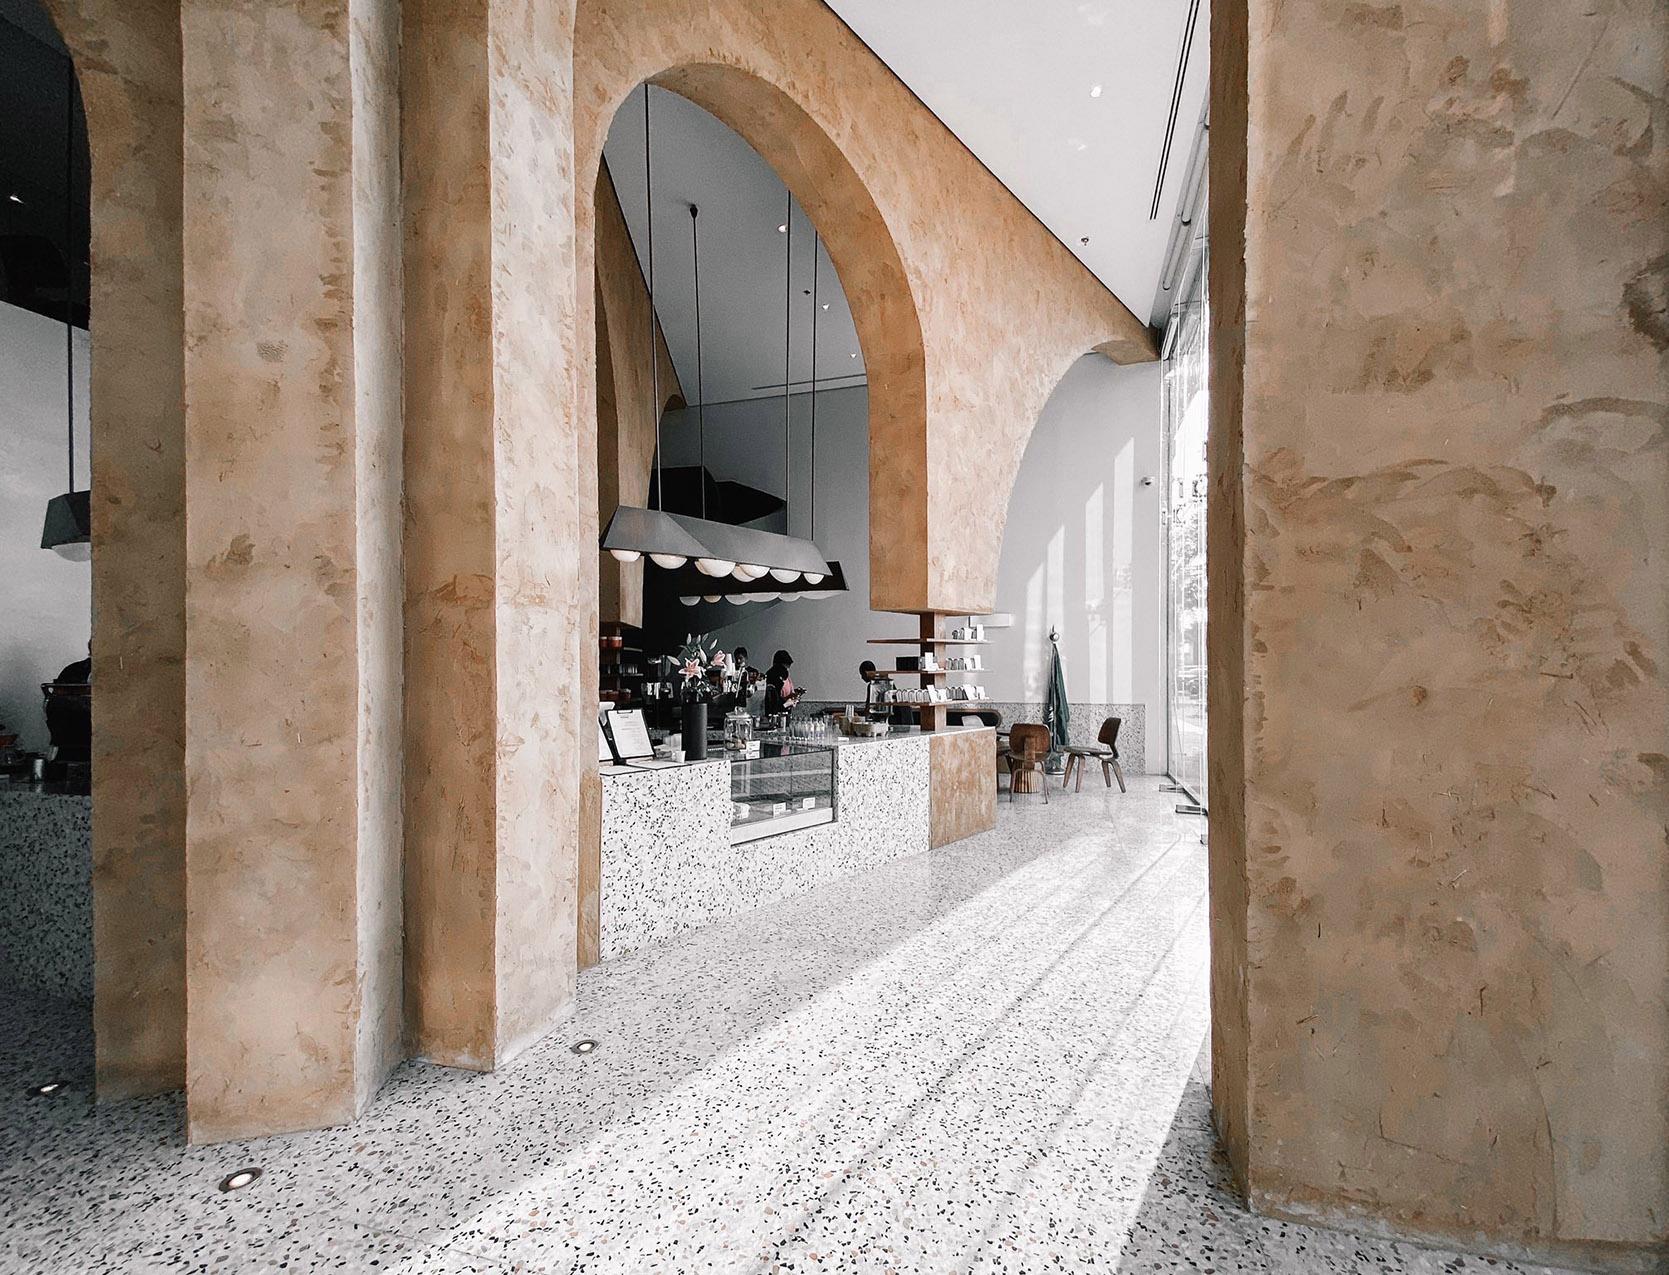 027-deco-temple-elixir-bunn-coffee-roasters-by-azaz-architects.jpg